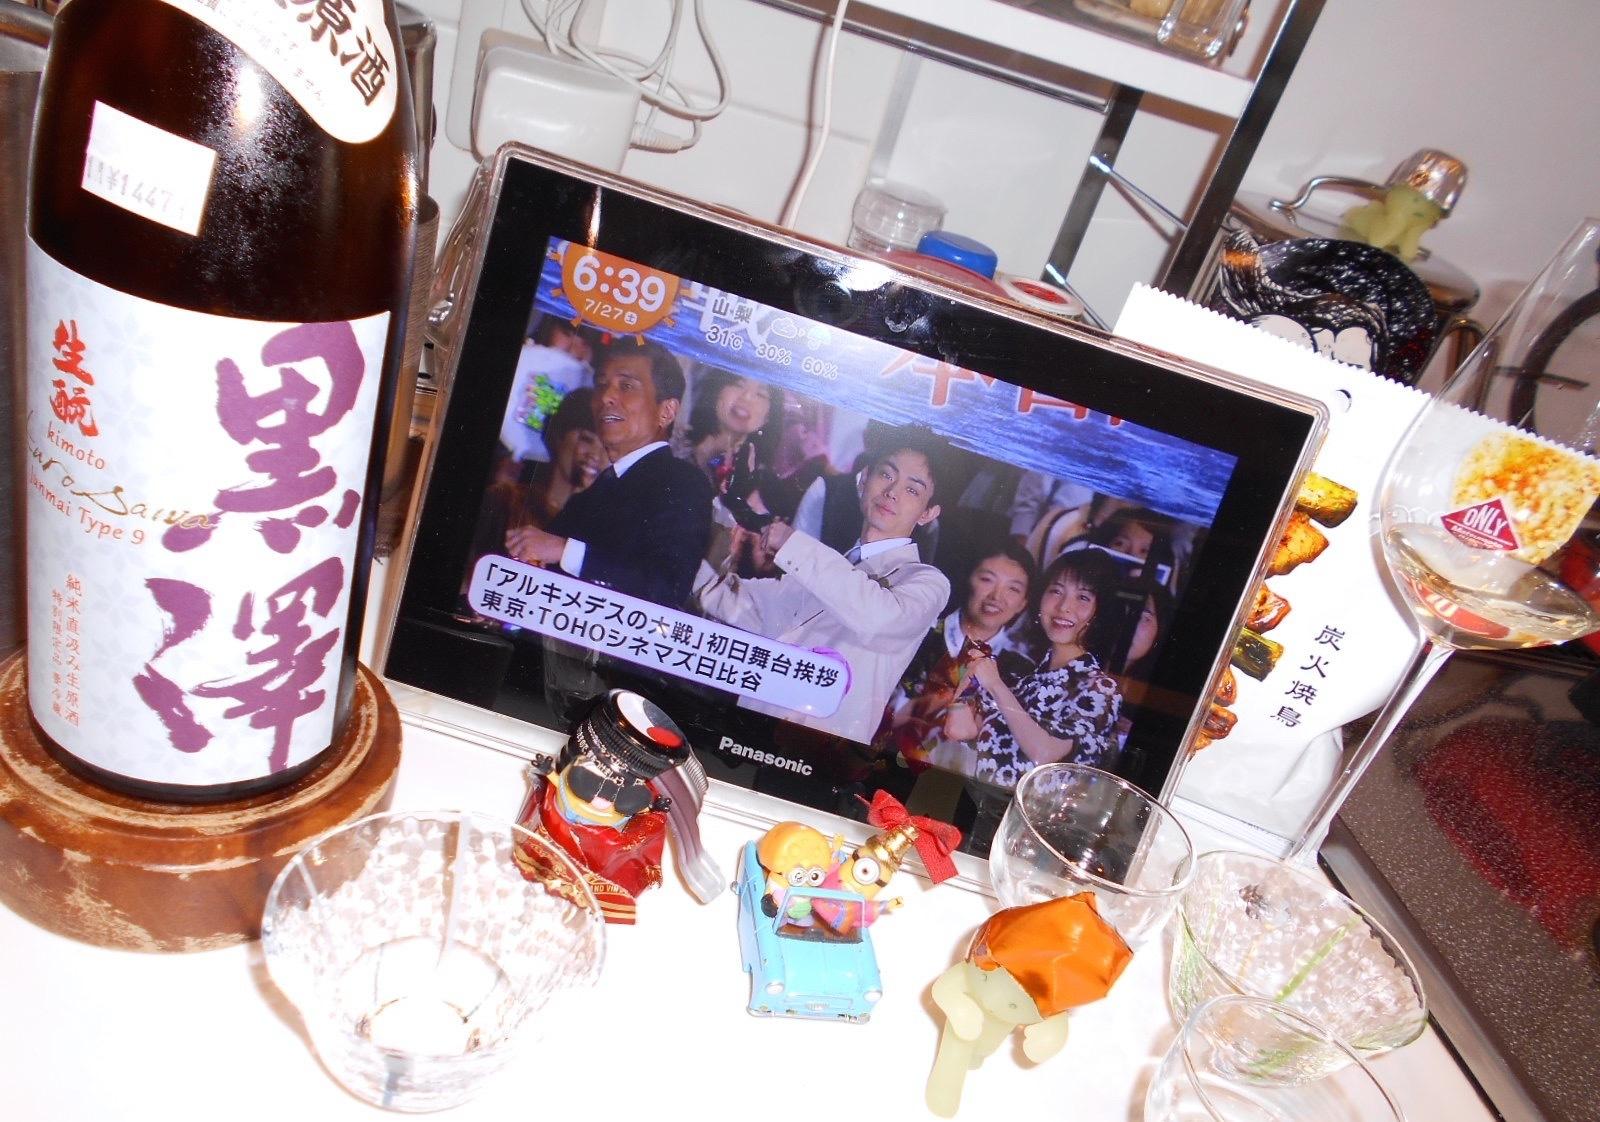 kurosawa_type9_30by4_1.jpg